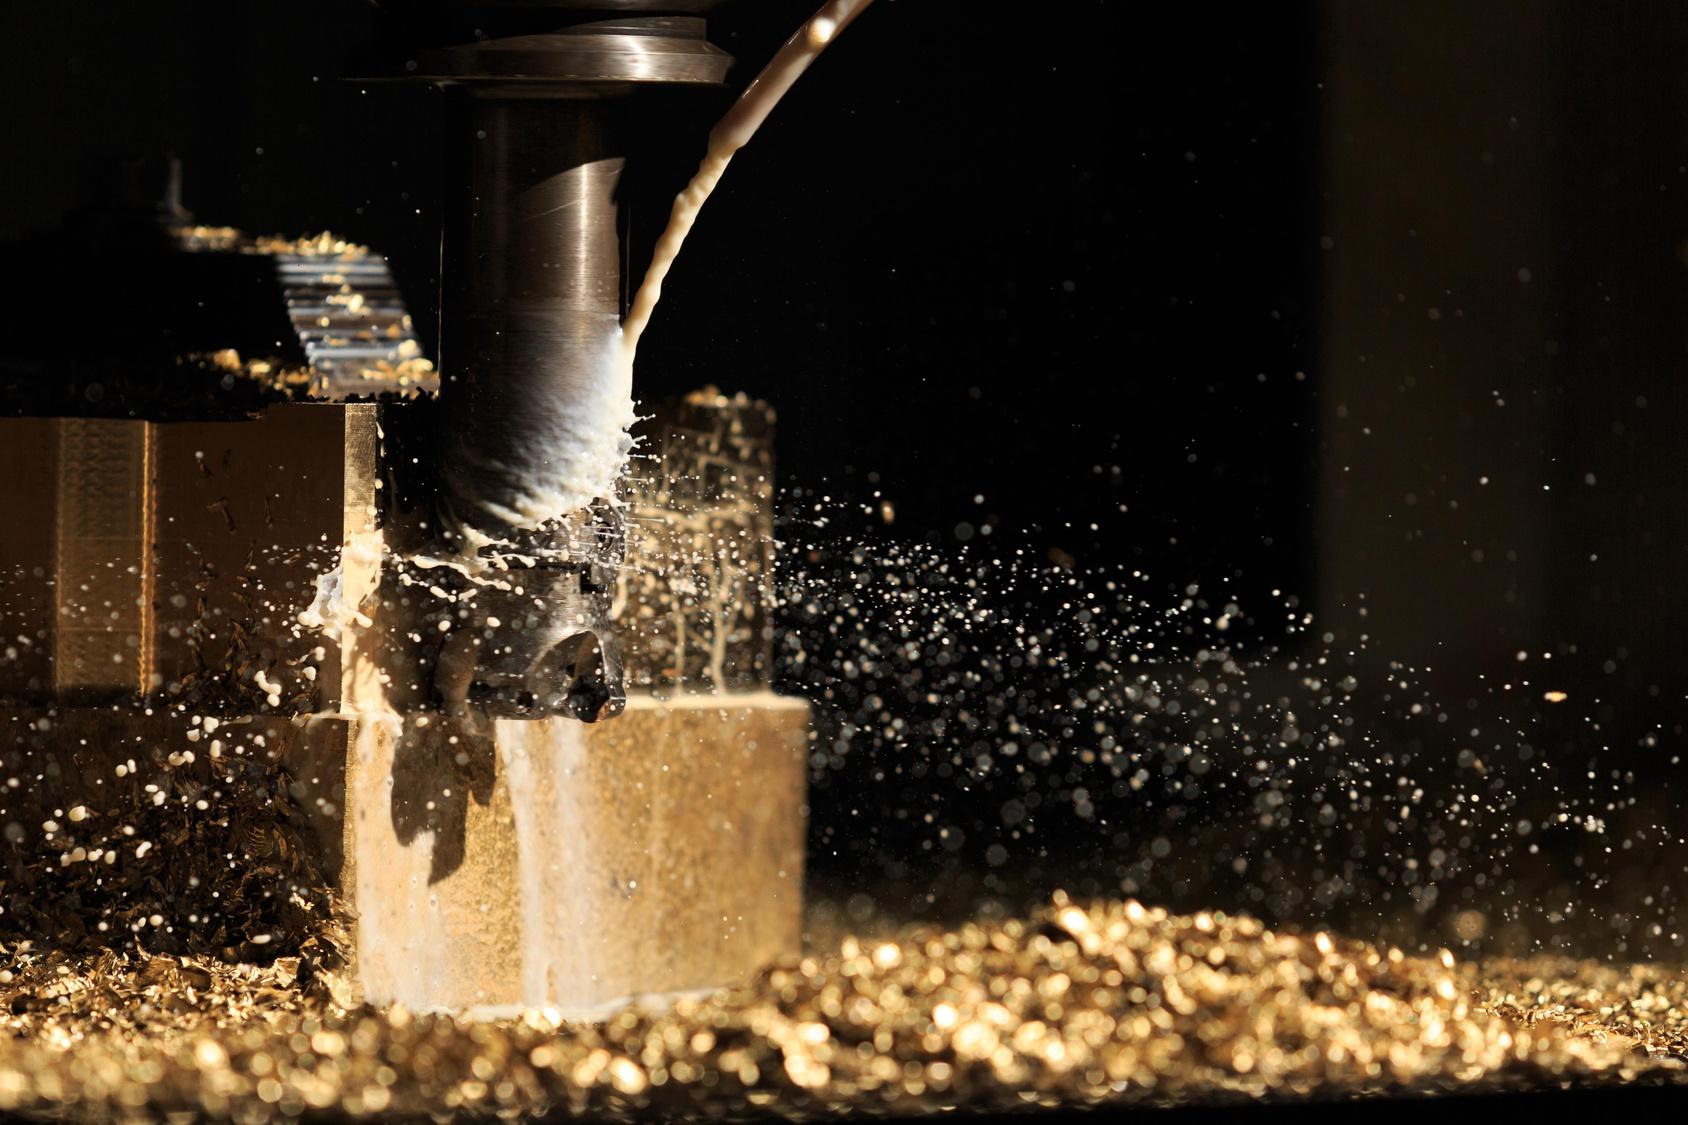 kompleksowe remonty maszyn CNC, dysponując wszelkimi narzędziami wykorzystującymi nowoczesne technologie